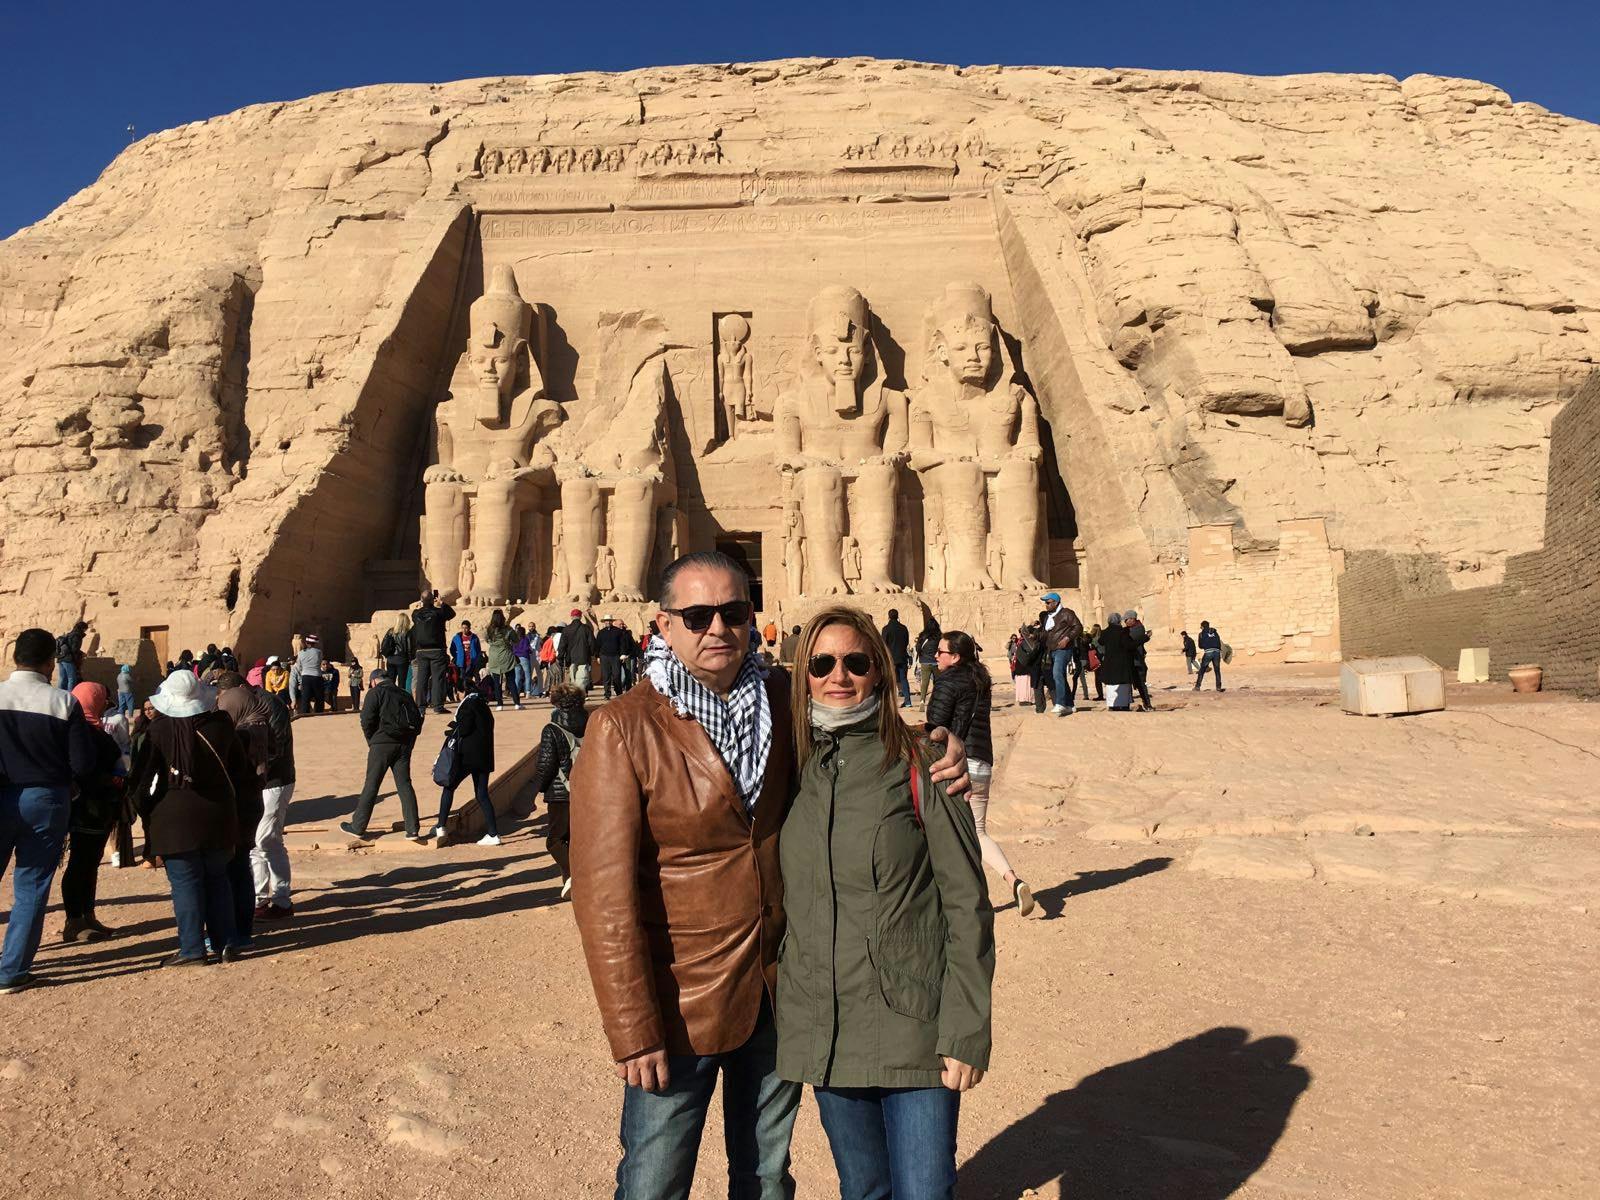 Tina y Nando con el templo de Abu Simbel al fondo (Egipto)